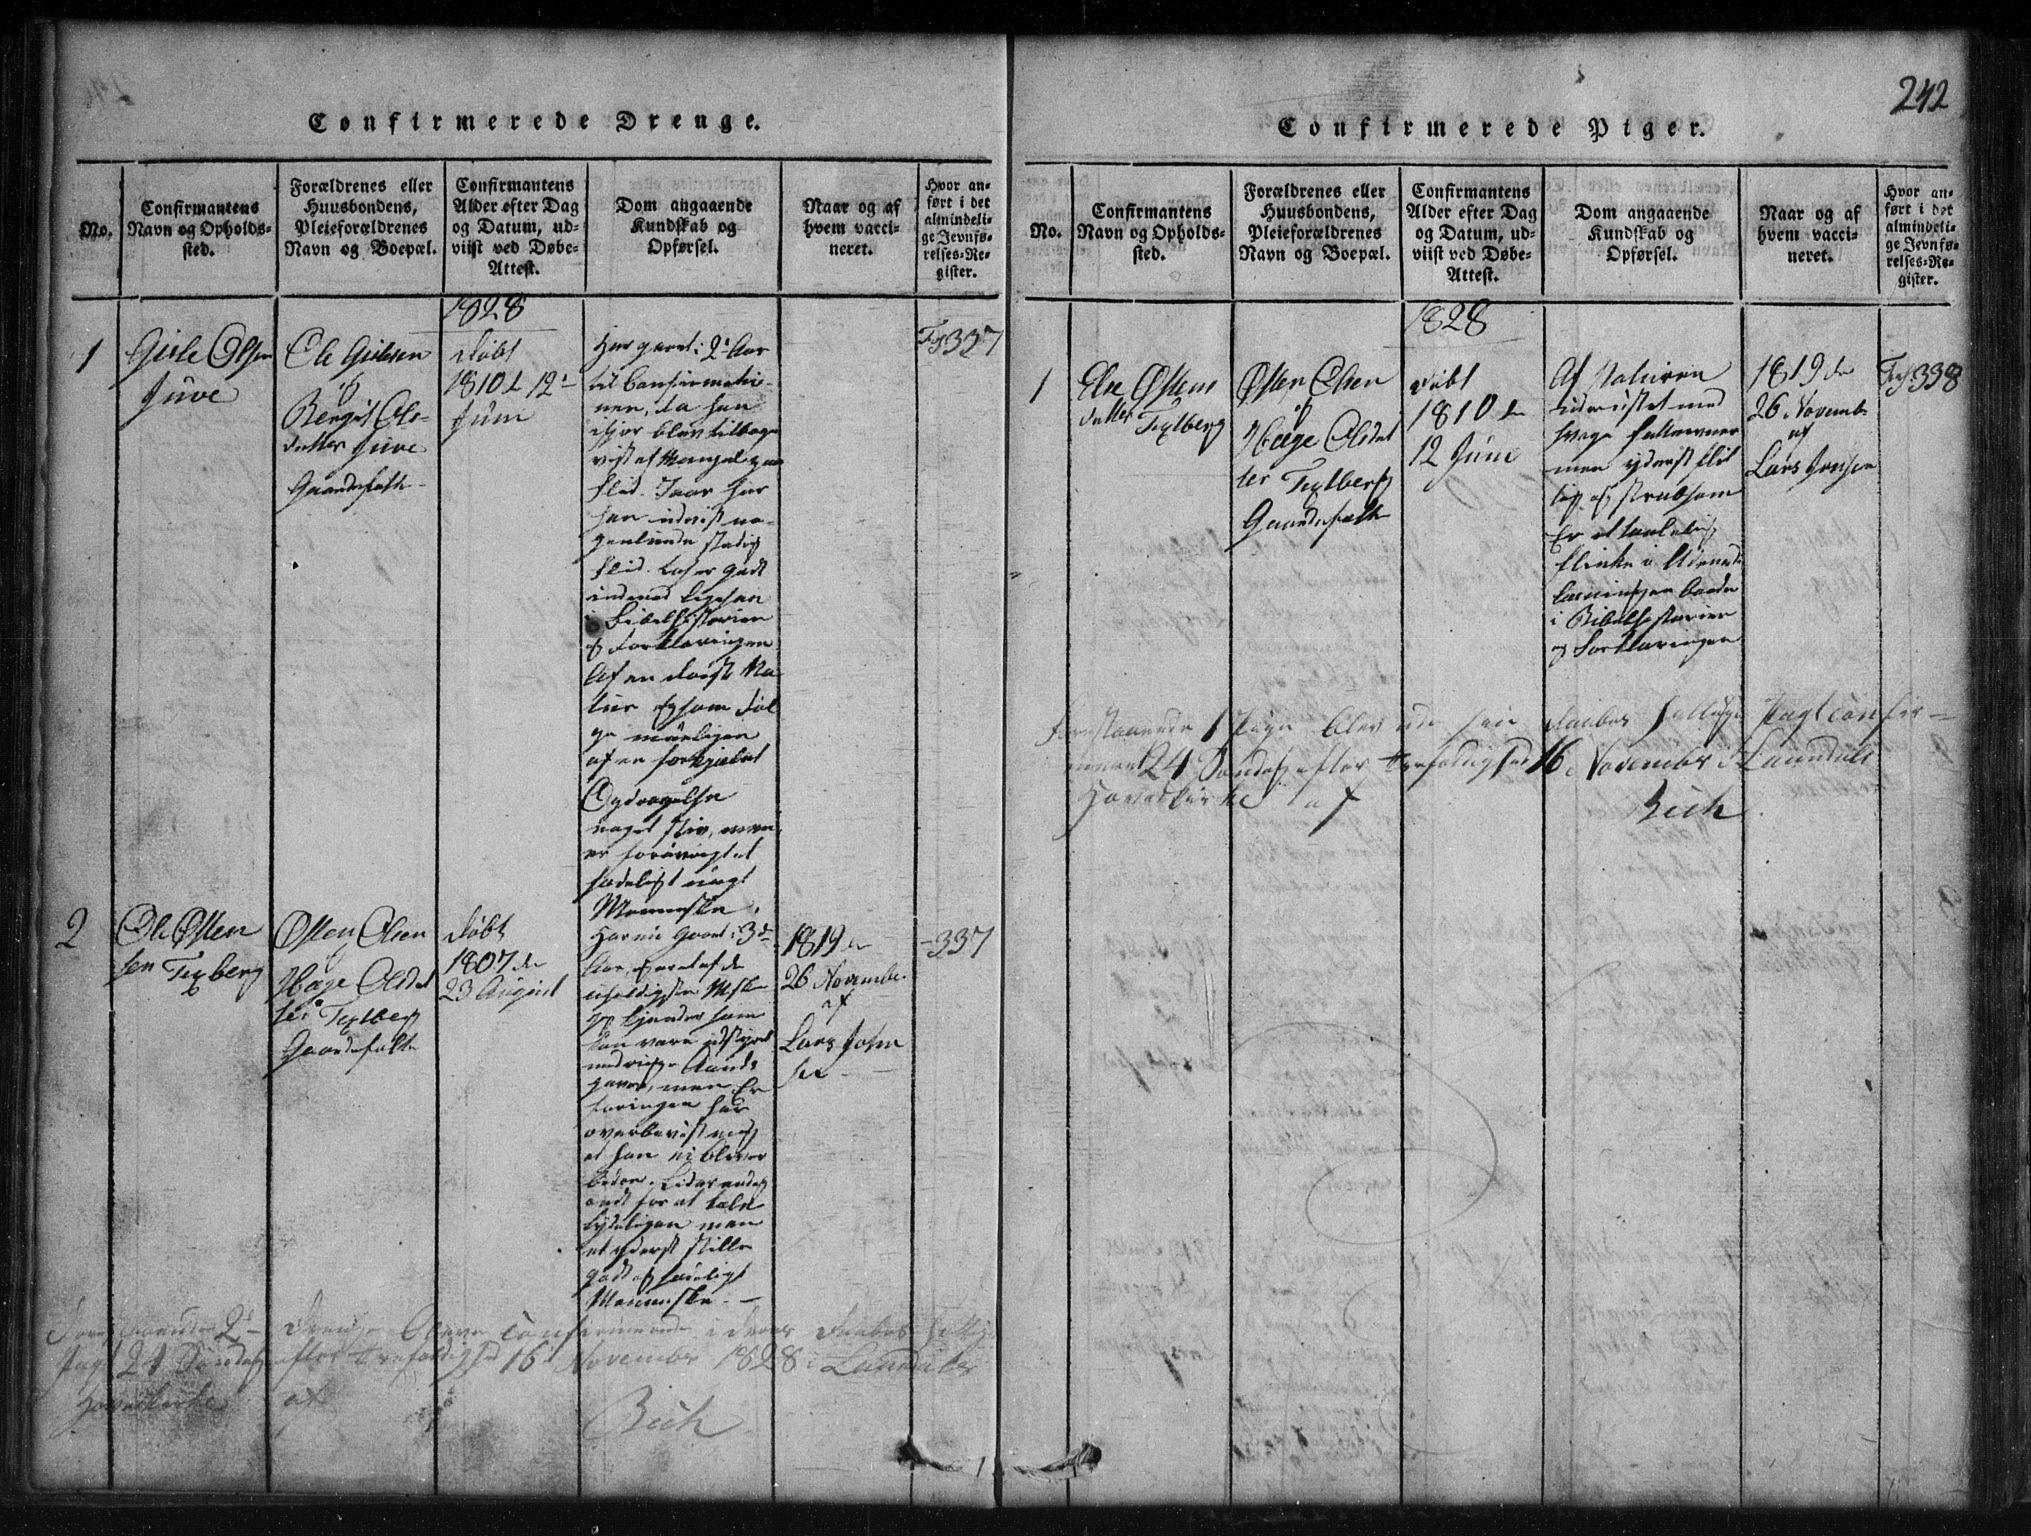 SAKO, Rauland kirkebøker, G/Gb/L0001: Klokkerbok nr. II 1, 1815-1886, s. 242